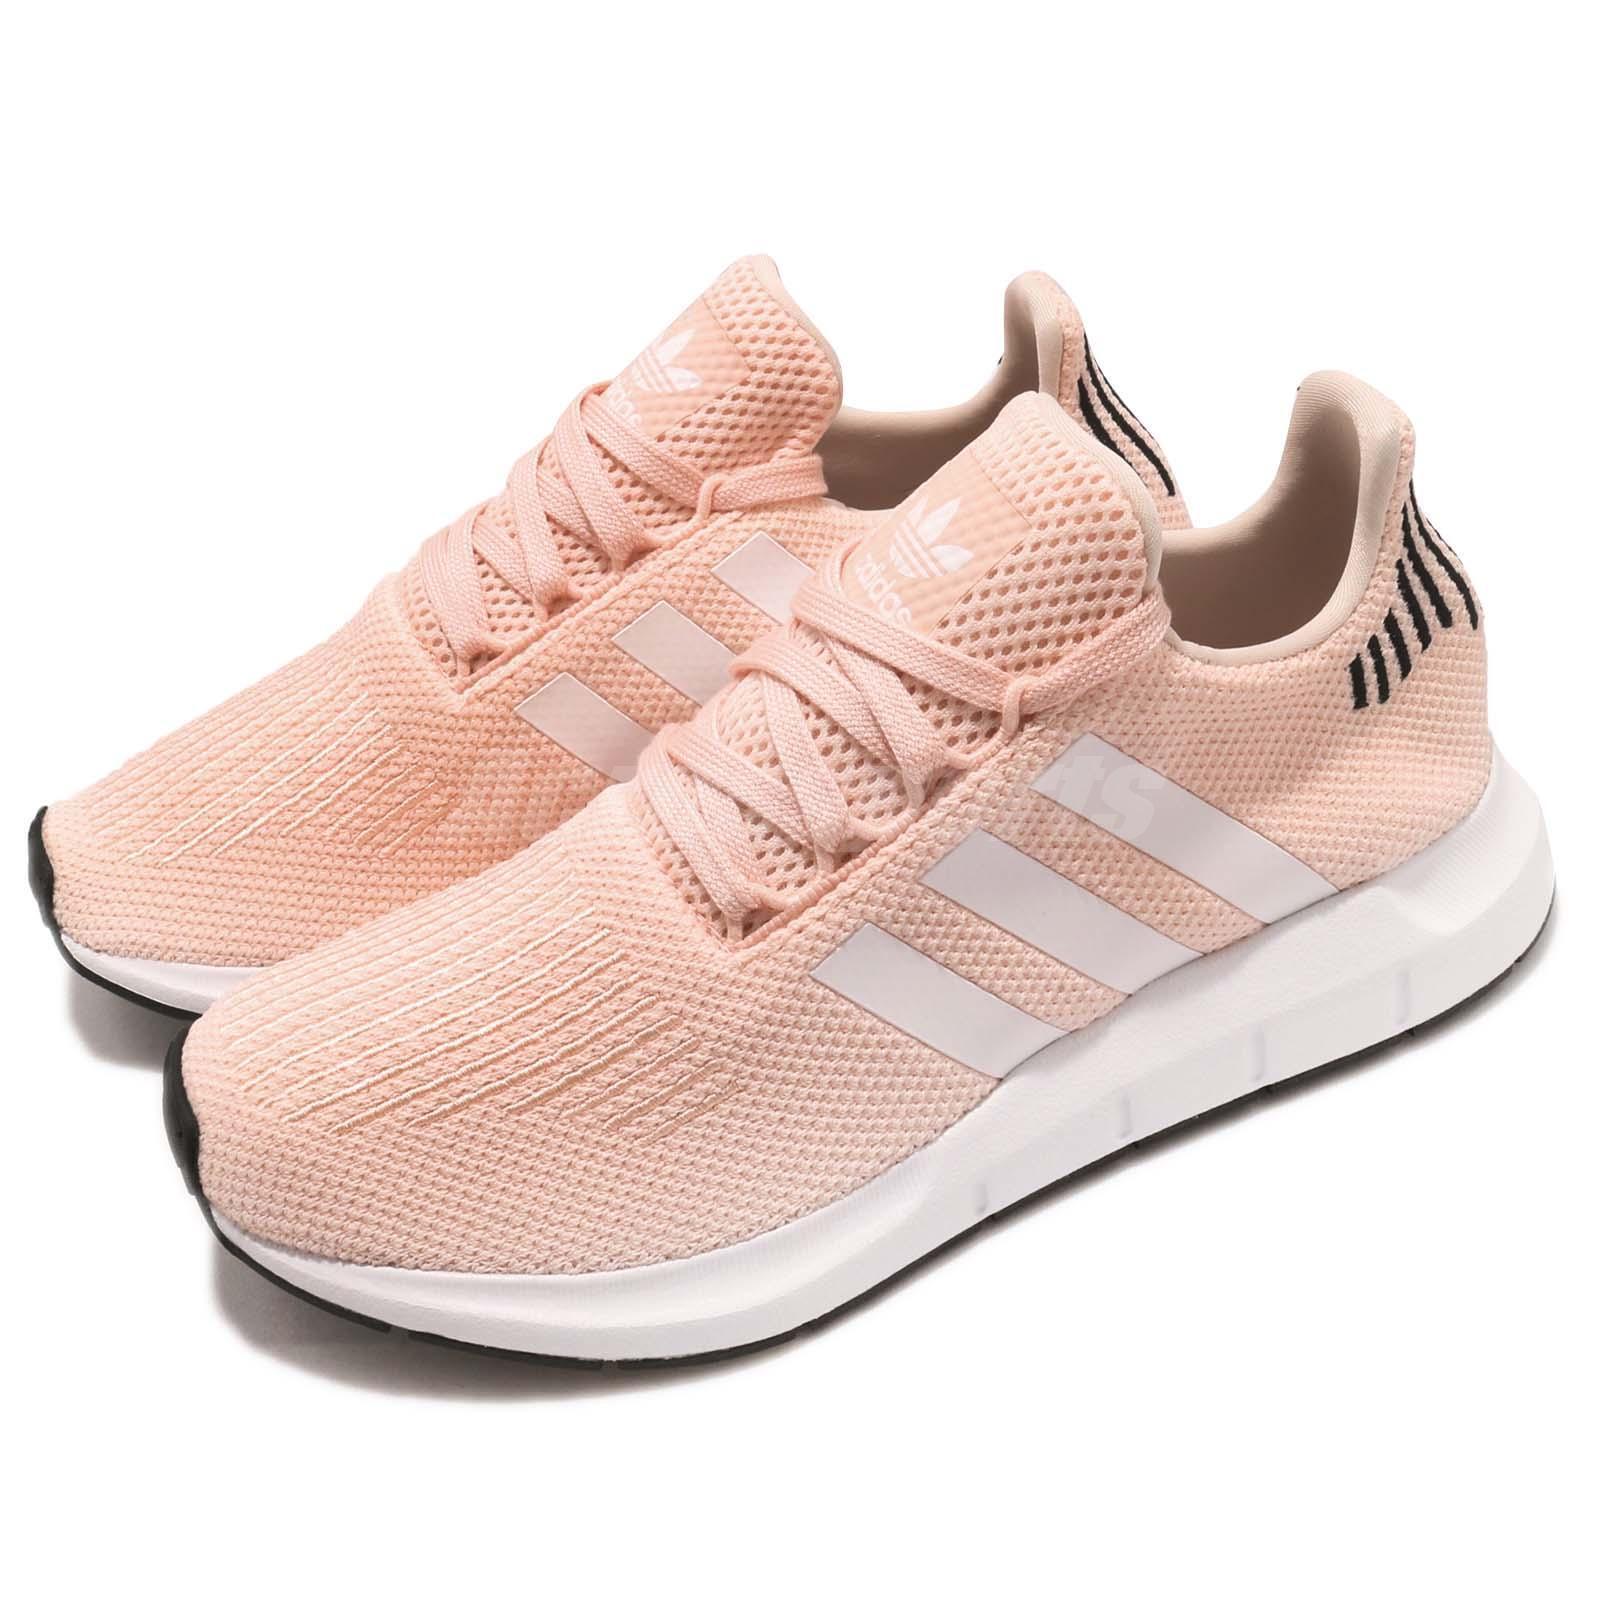 adidas Originals Swift Run W Rosa Schwarz Weiß Damen Laufschuhe Sneaker B37681